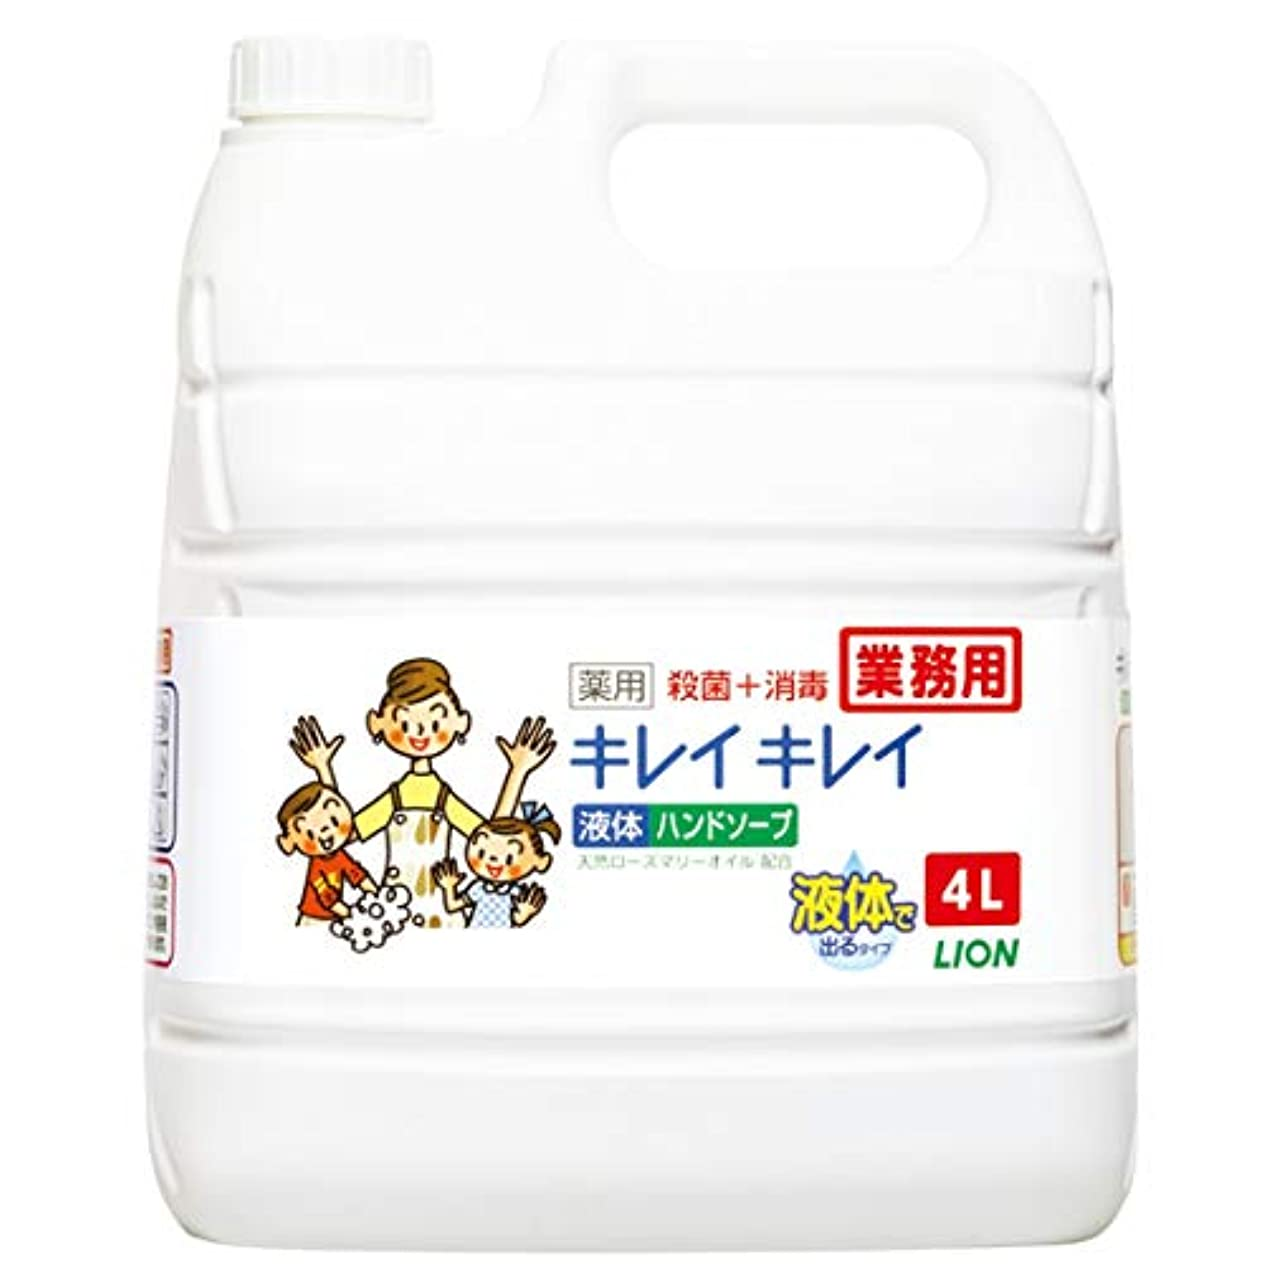 個人的な顧問尊敬【業務用 大容量】キレイキレイ 薬用 ハンドソープ  4L(医薬部外品)